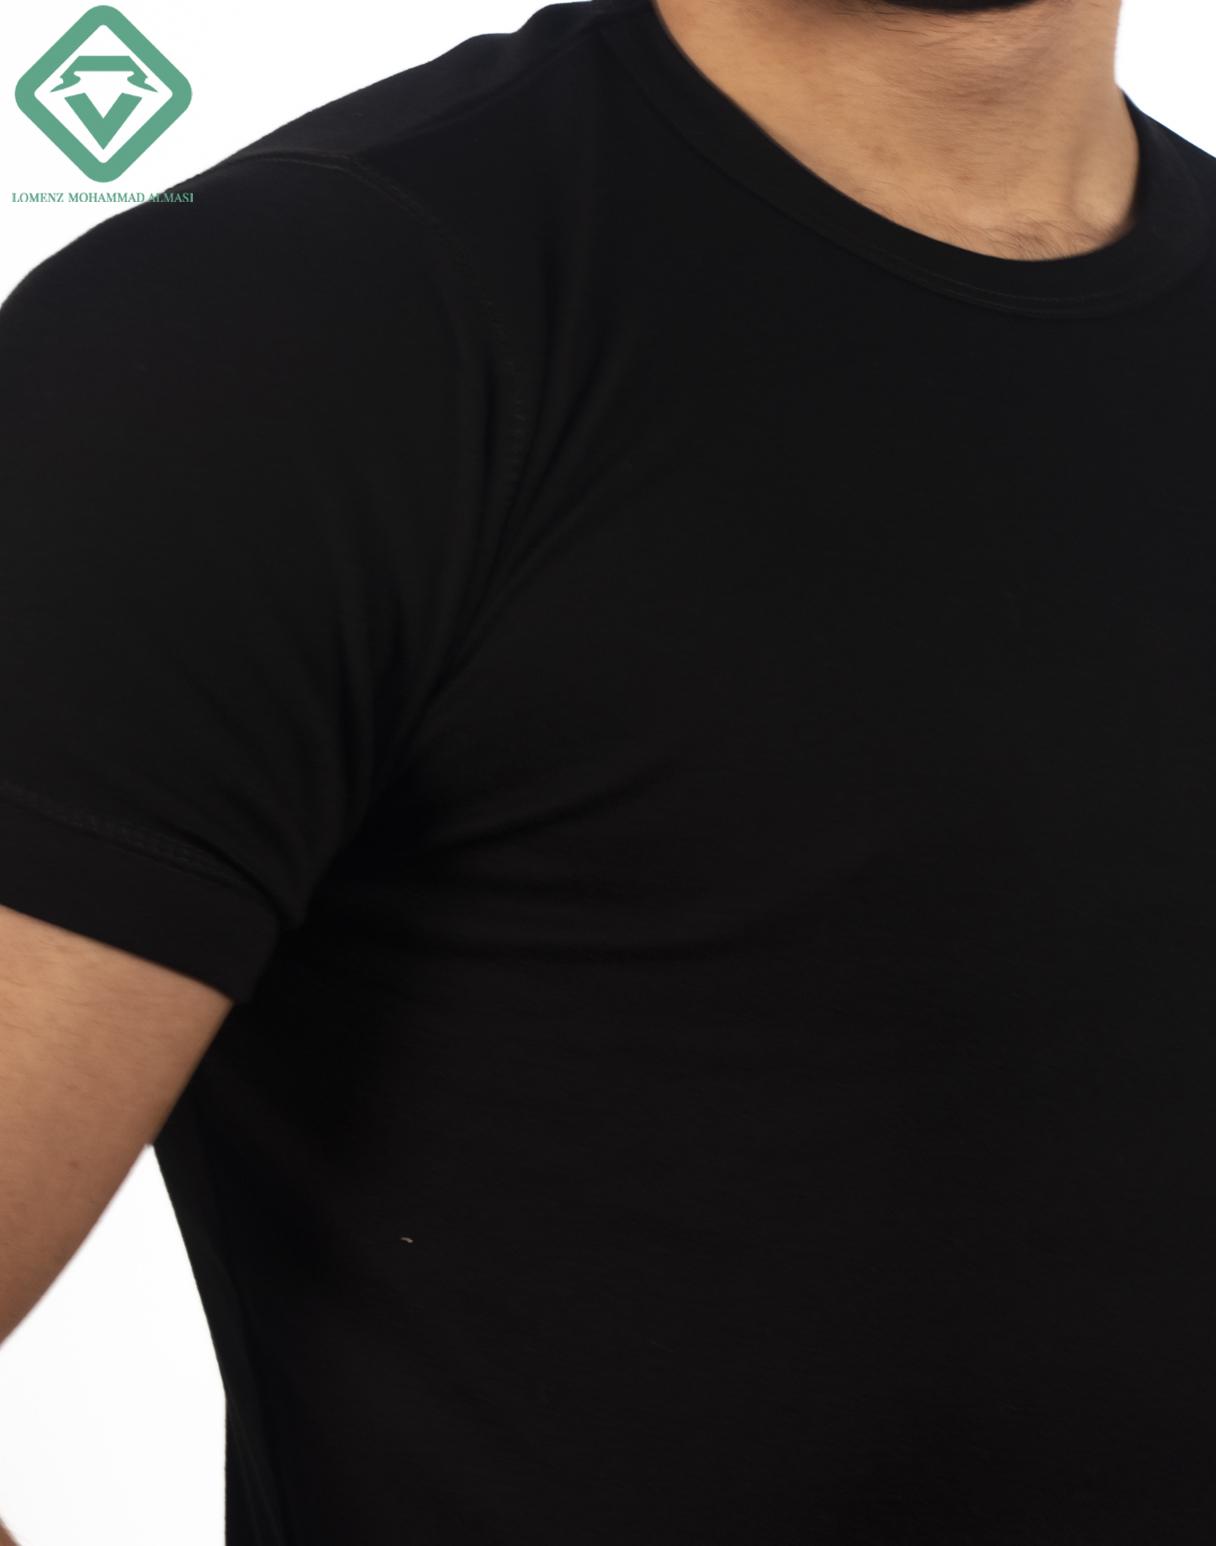 بافت تیشرت تام تیلور از سایز S تا XXXL | فروشگاه لومنز